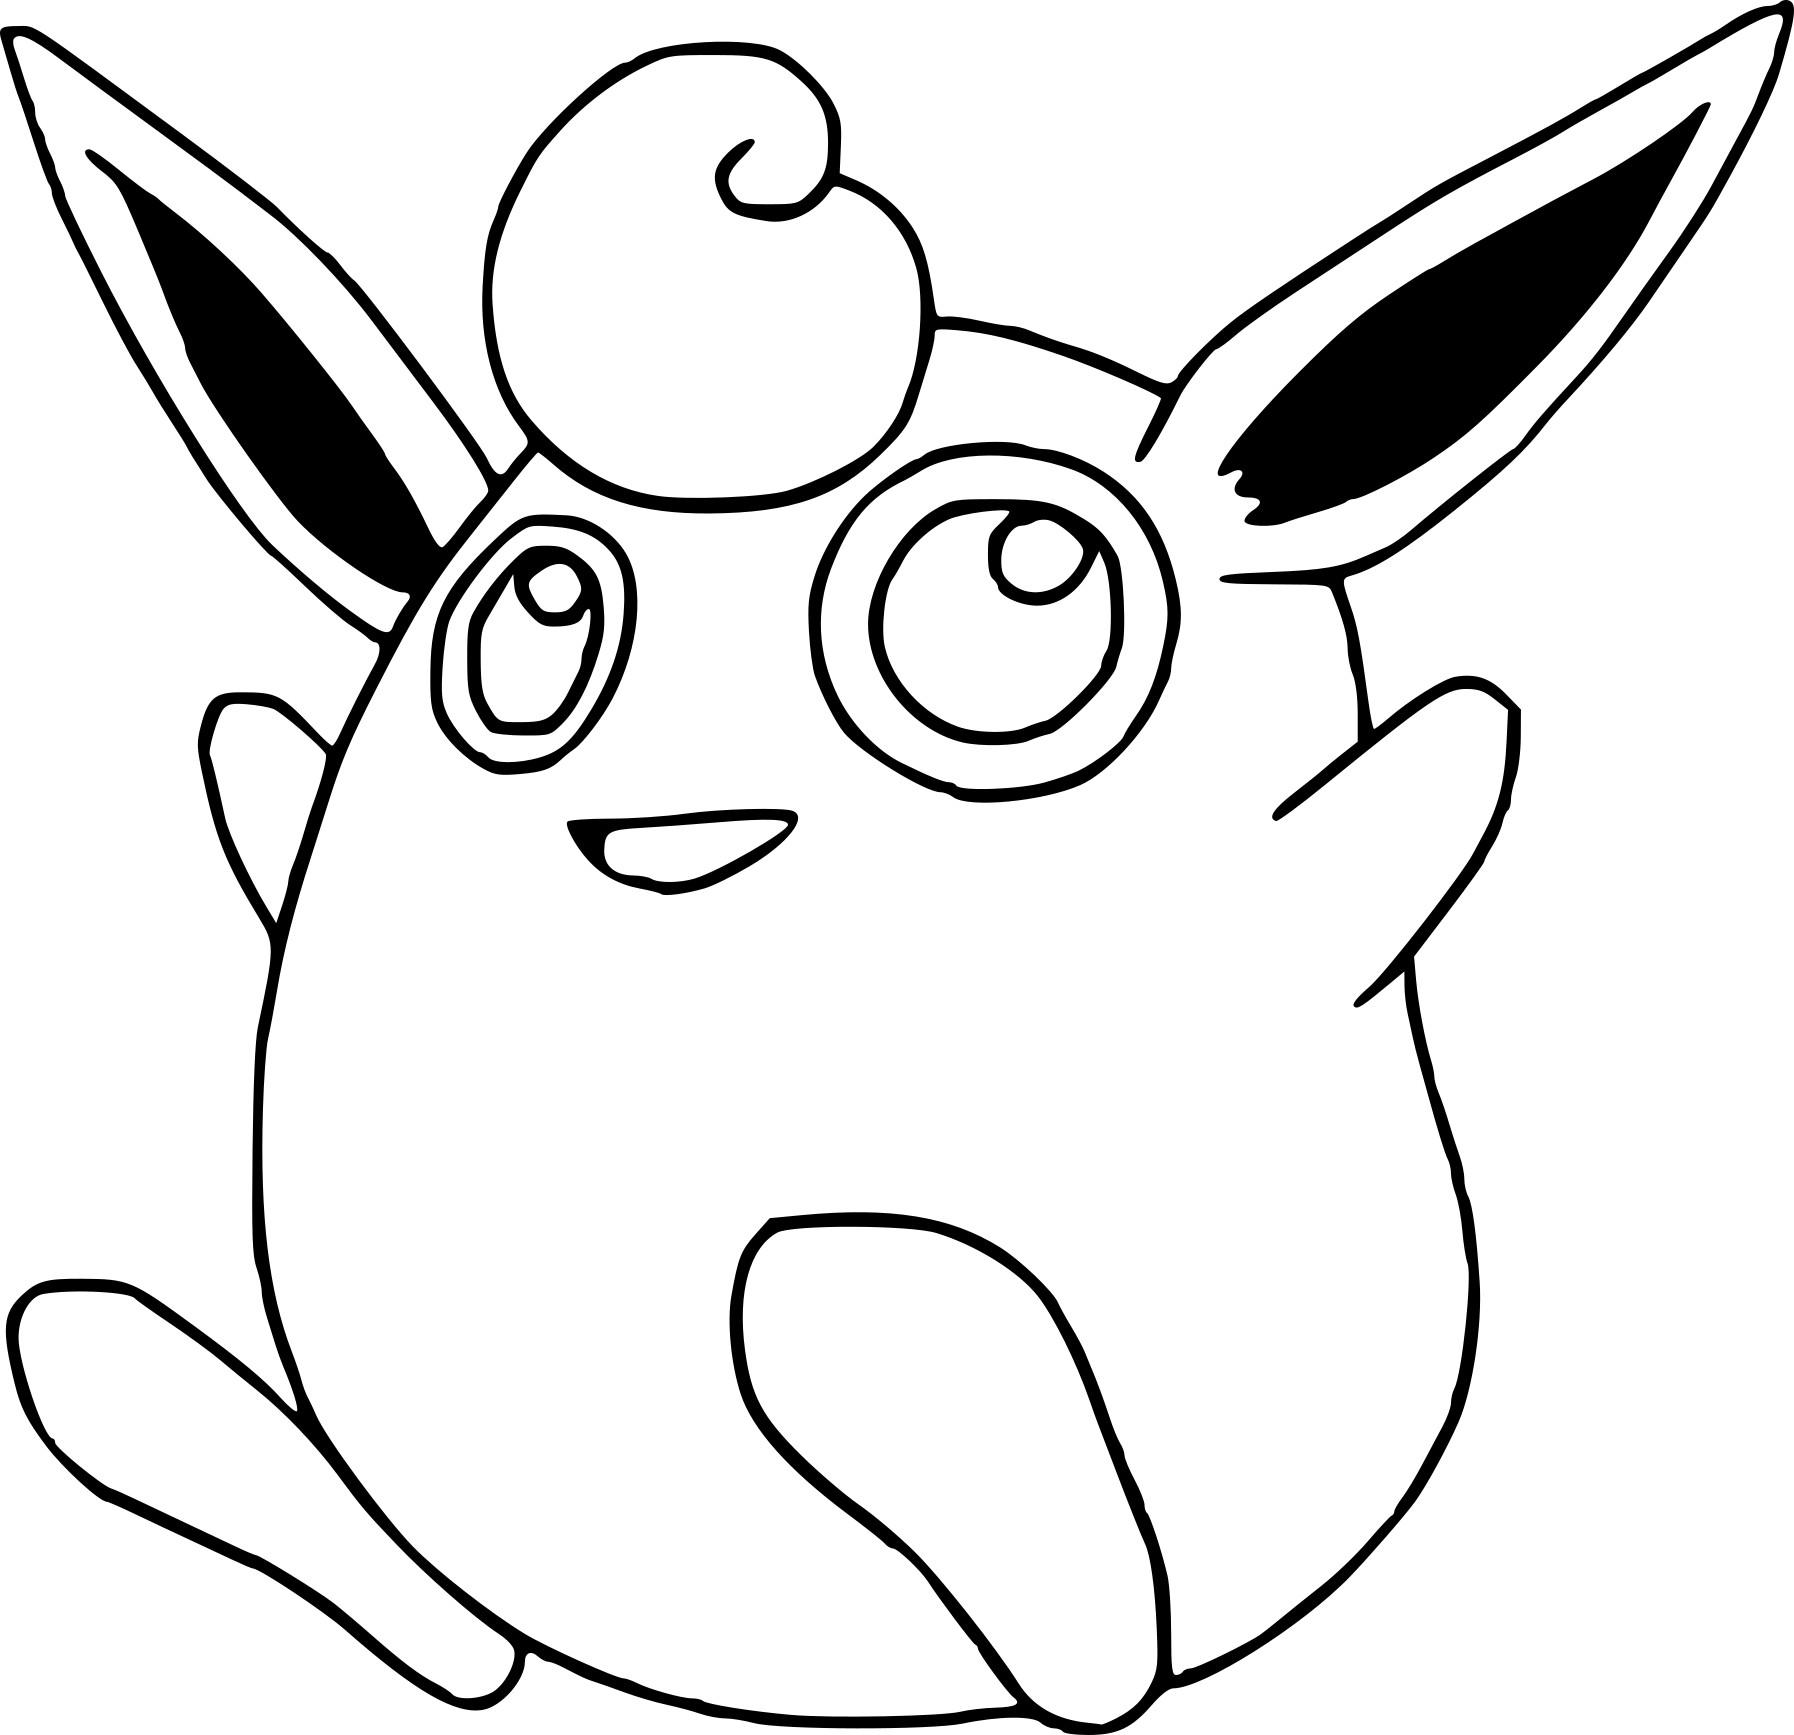 Grodoudou Coloriage Grodoudou Pokemon à Imprimer